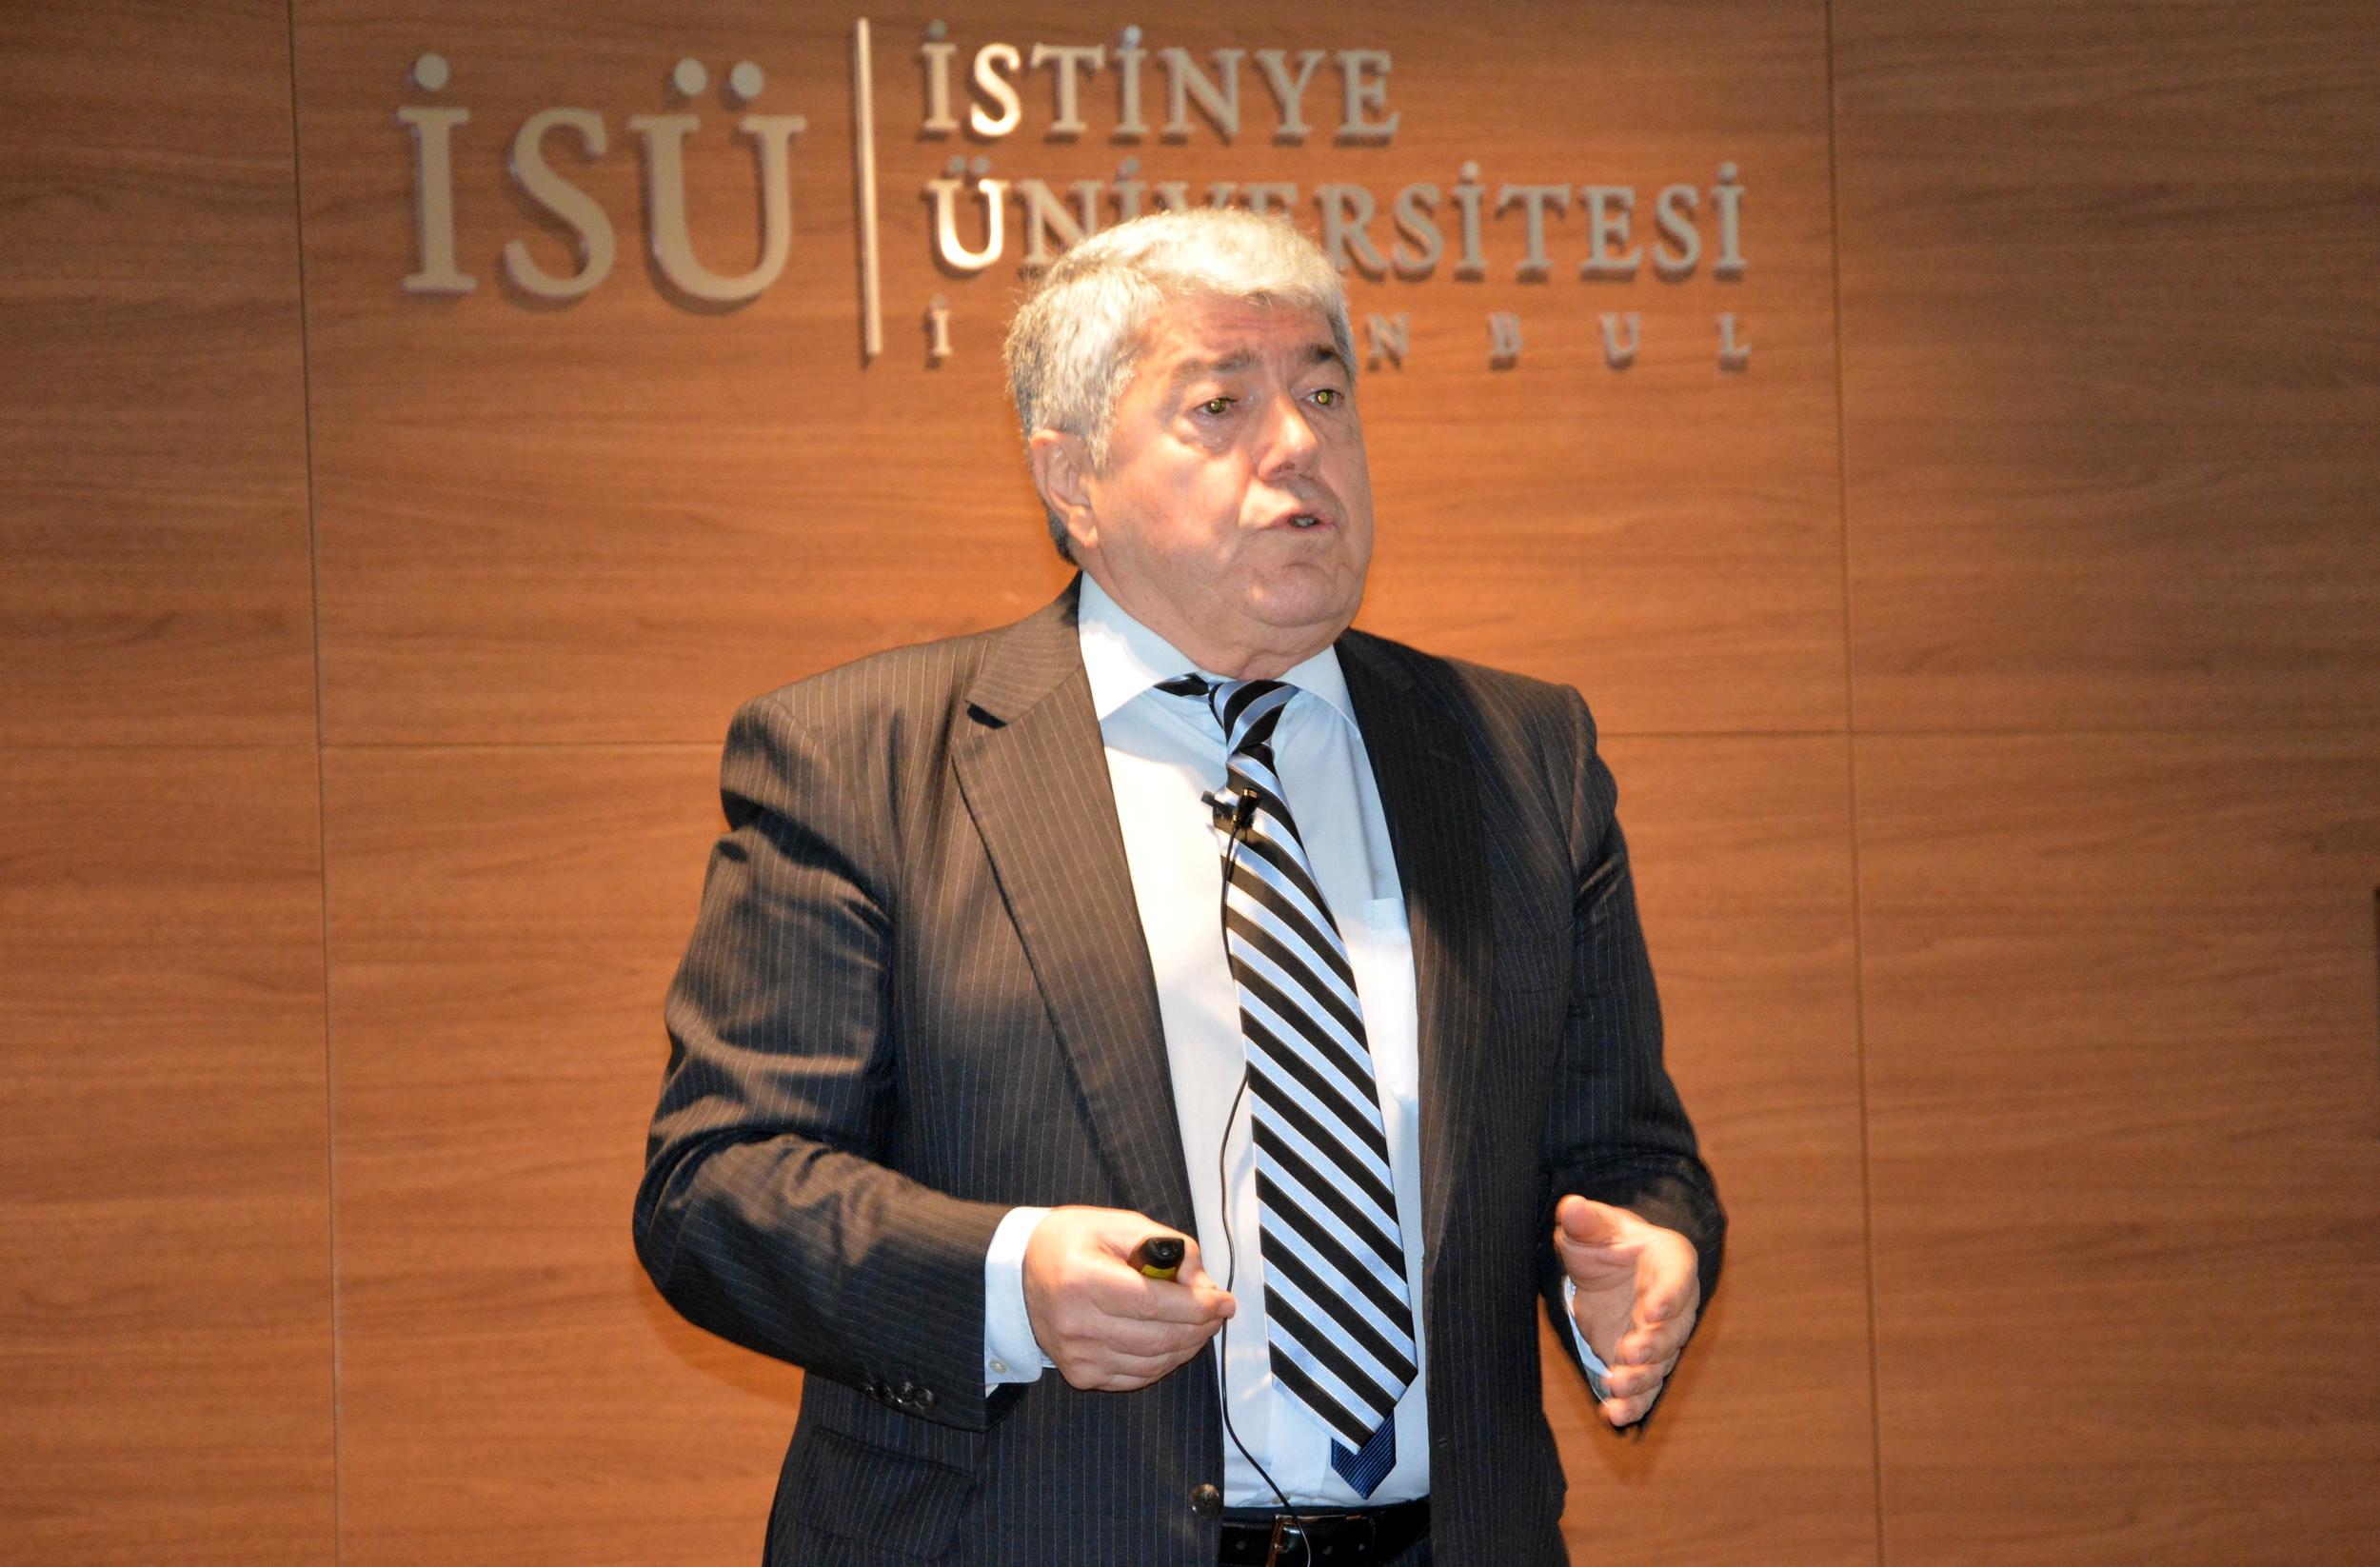 Profesör Doktor Ali Beba'dan girişimci adaylarına tavsiye: Sağlık alanına yönelin